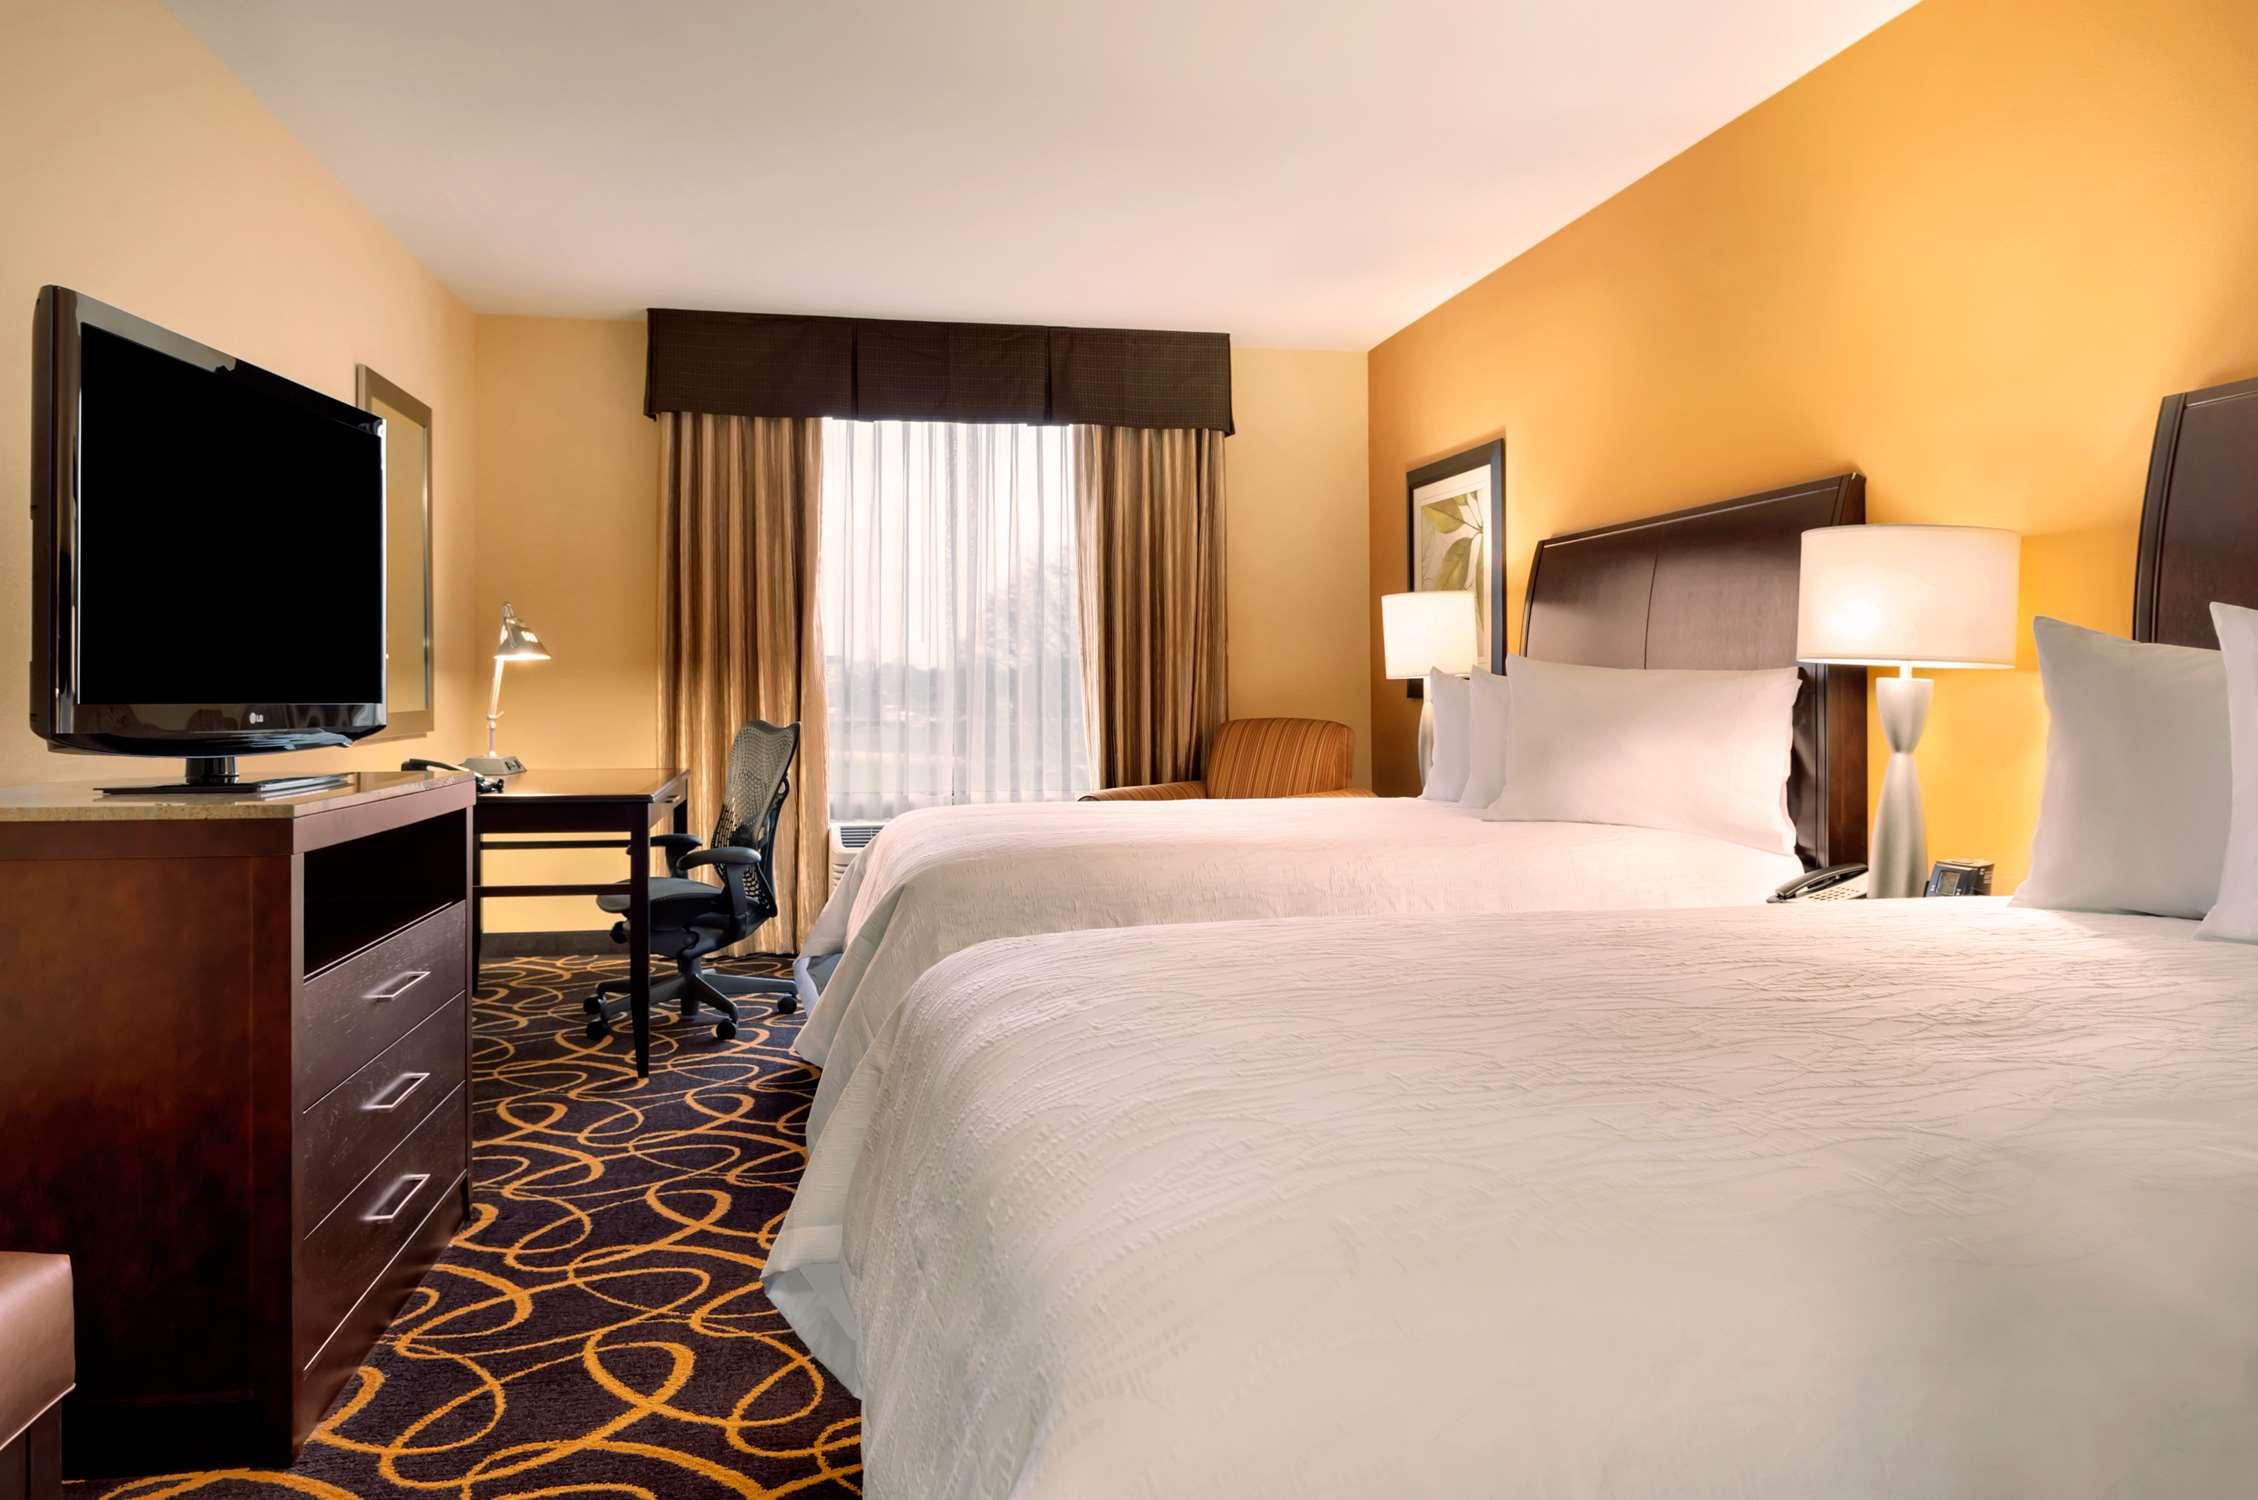 Hilton Garden Inn Shreveport Bossier City image 9